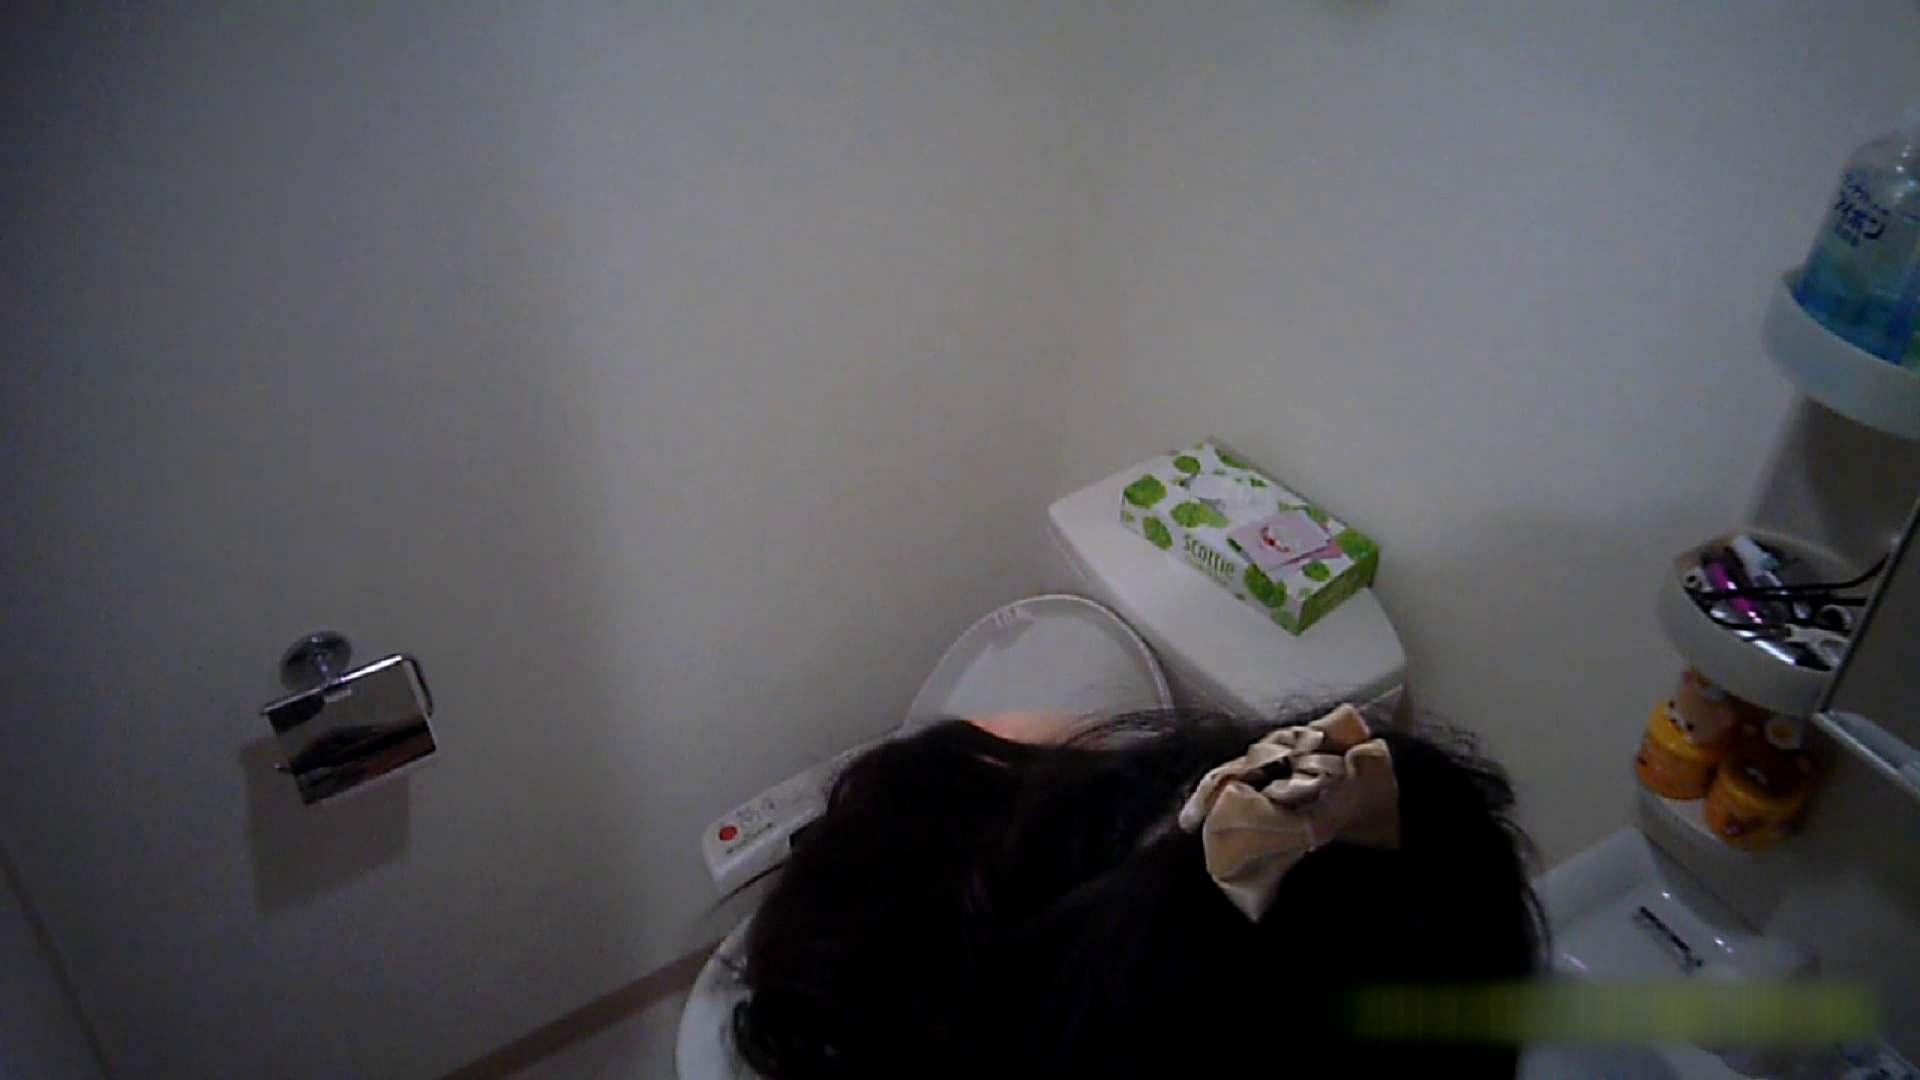 清楚な顔してかなり敏感なE子25歳(仮名)Vol.05 裸でトイレ編 トイレ盗撮 オメコ無修正動画無料 90枚 41